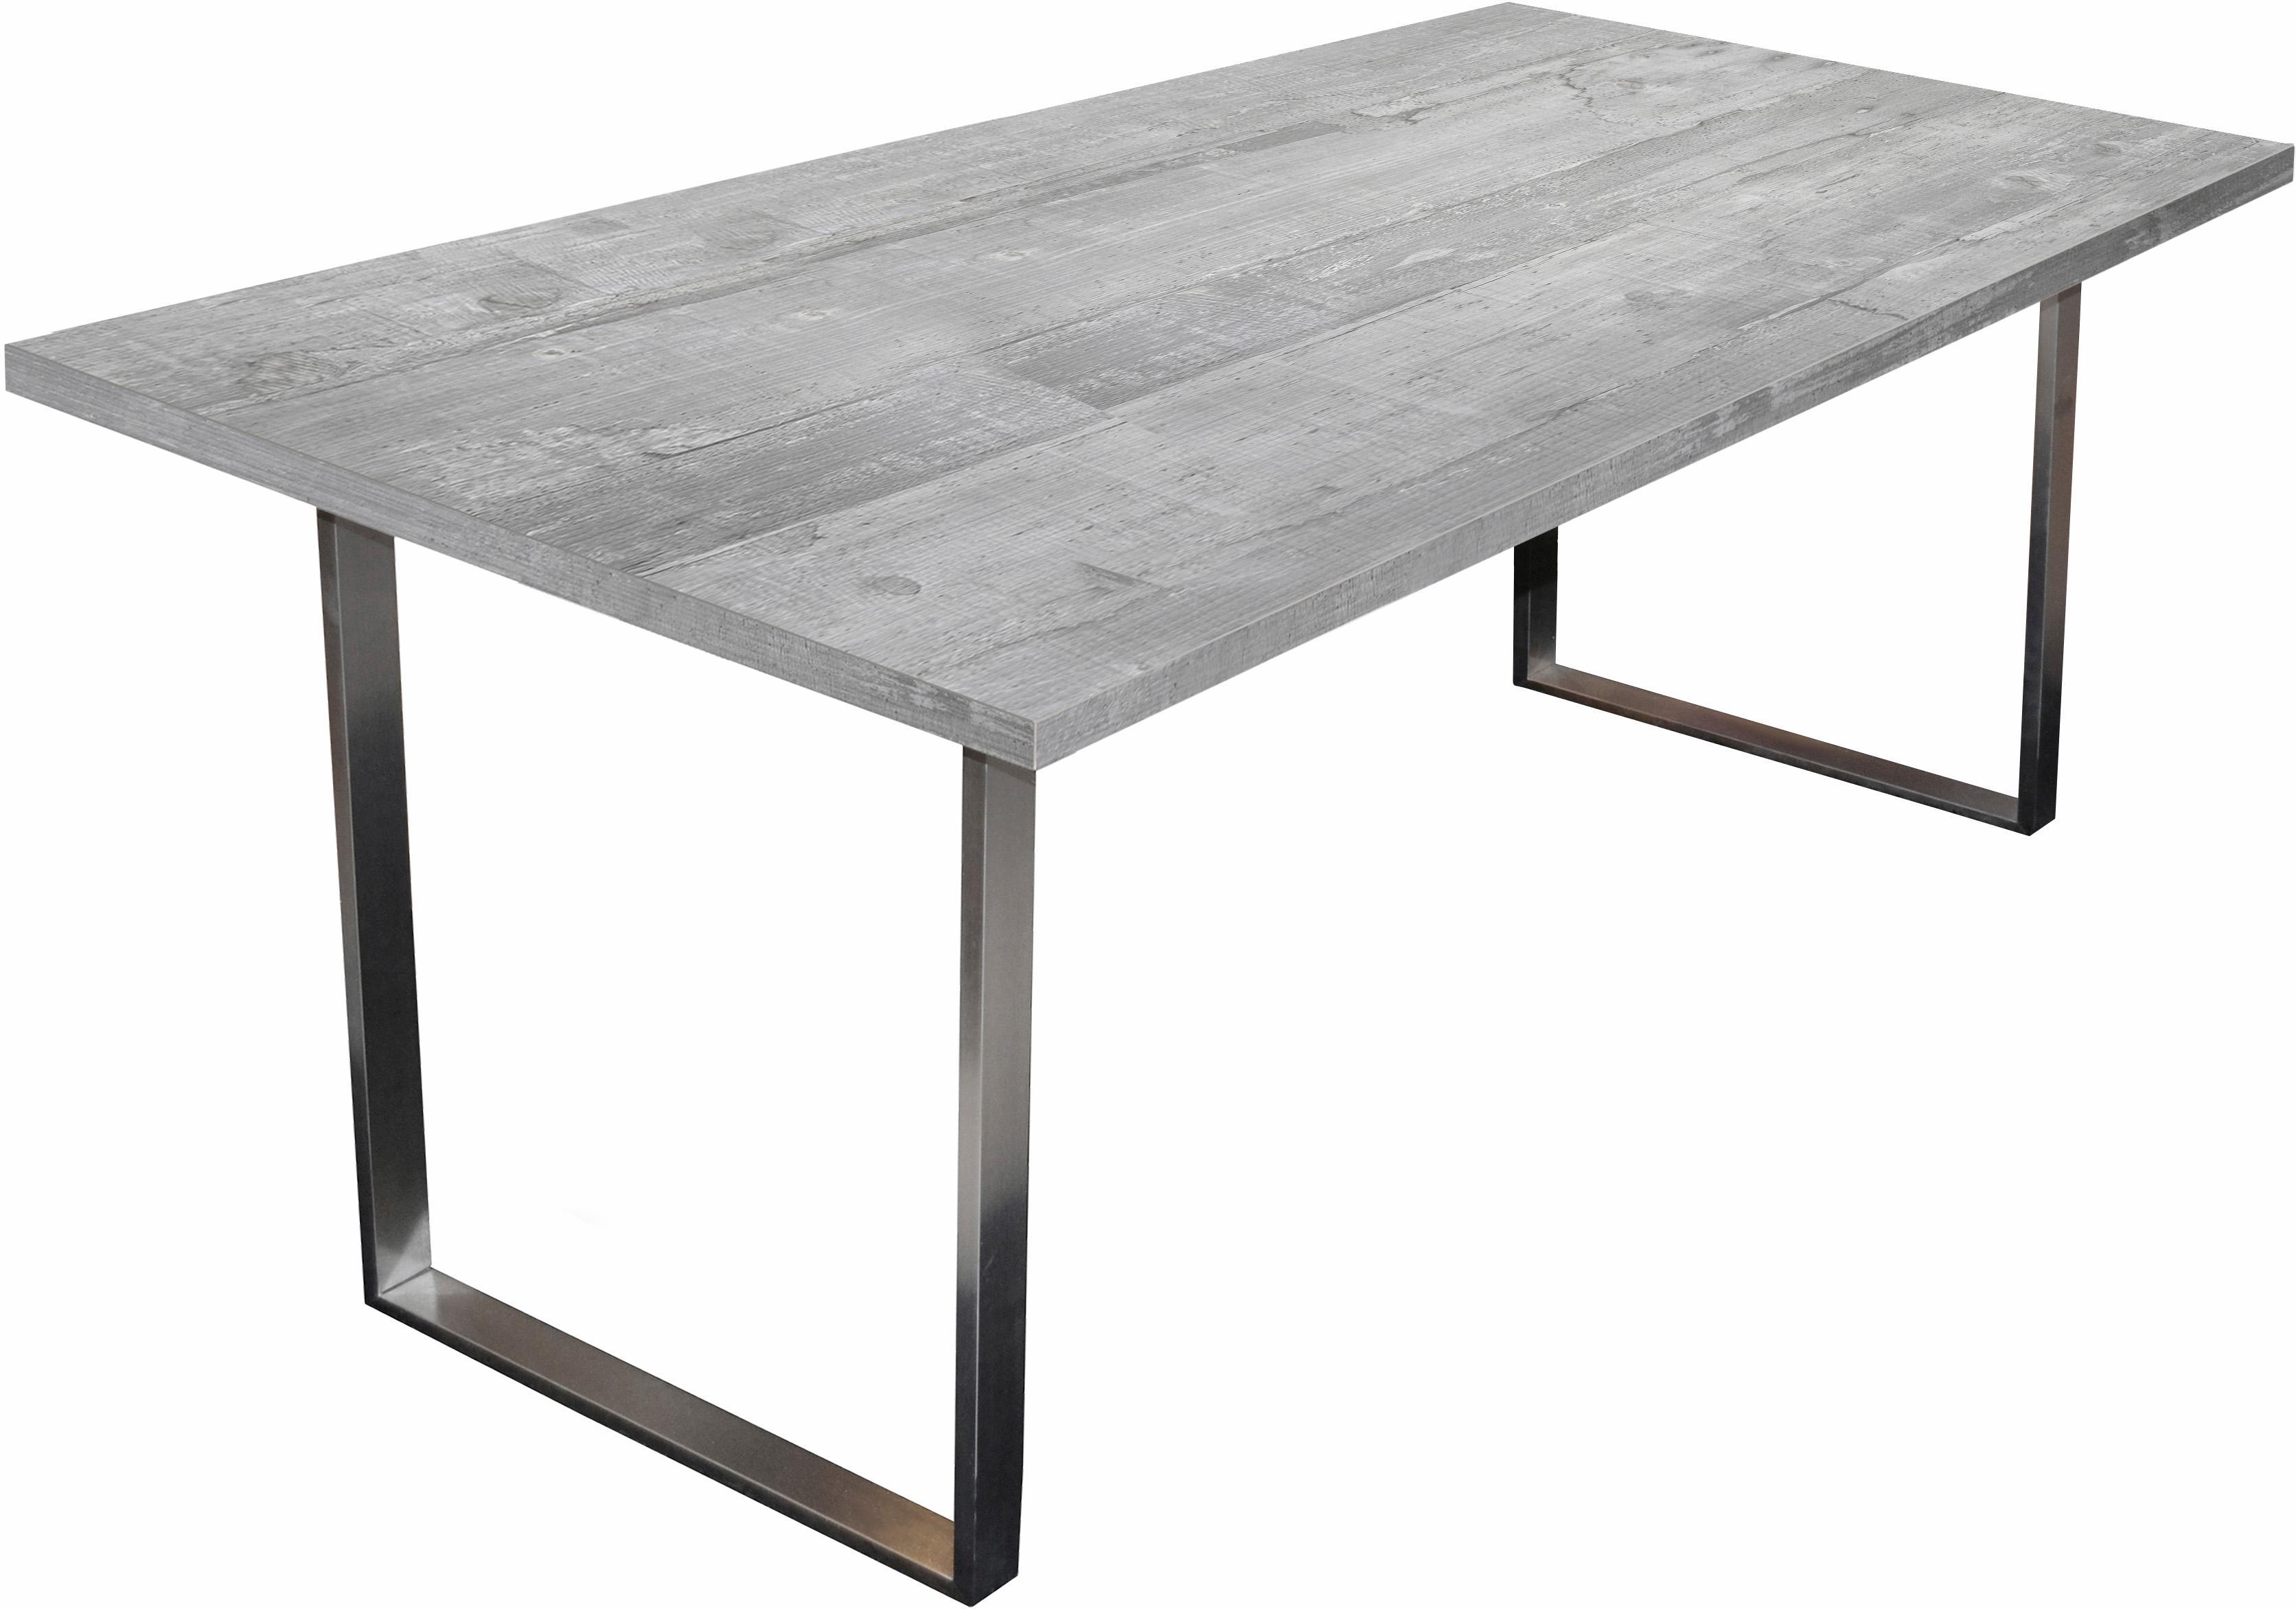 Mäusbacher Esstisch, in verschiedenen Größen grau Esstisch Esstische rechteckig Tische